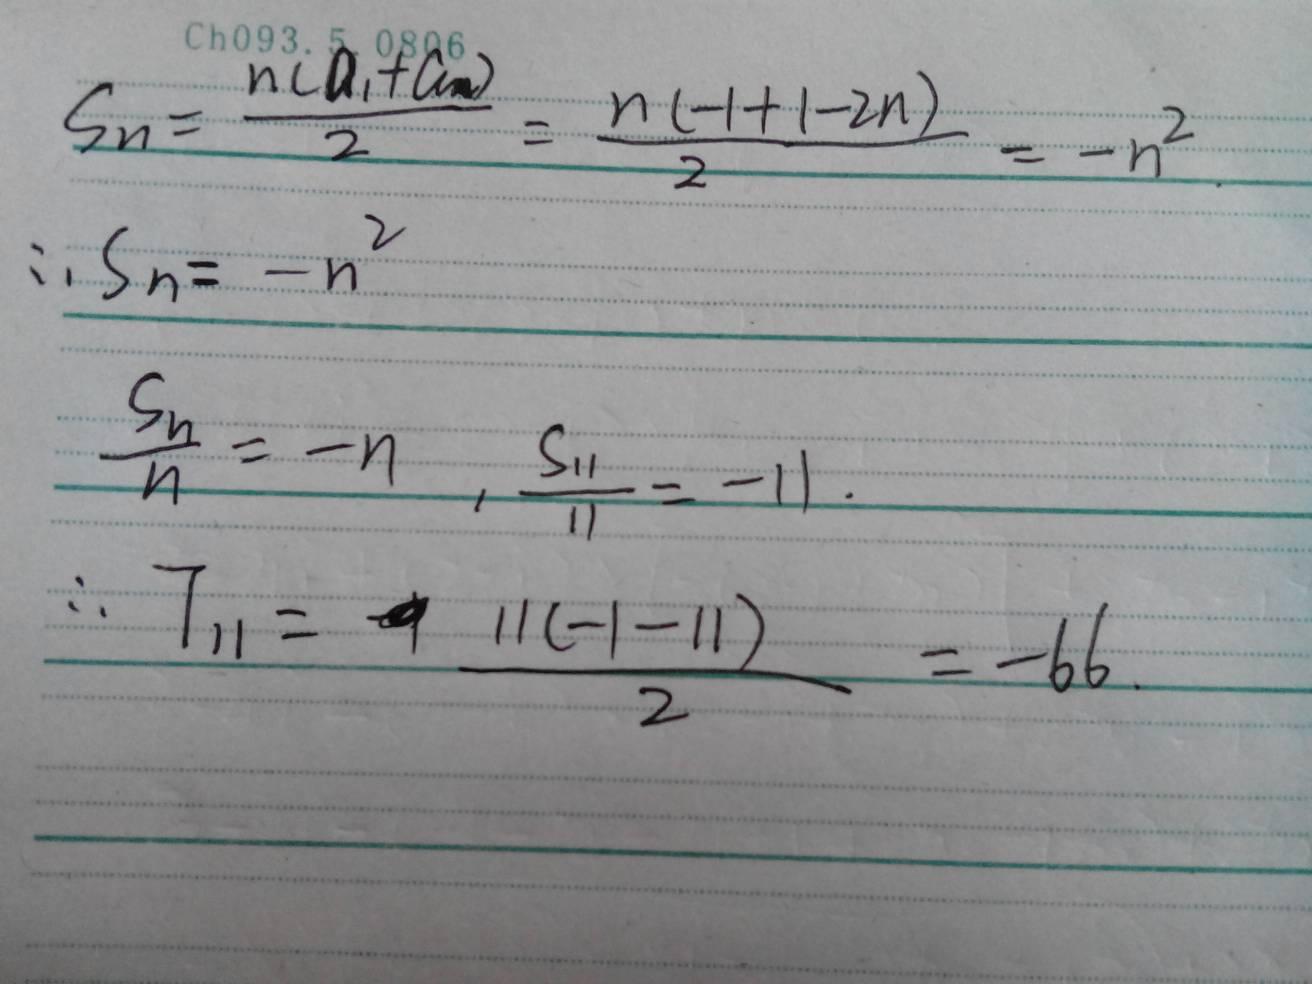 勾股定理知识思维导图